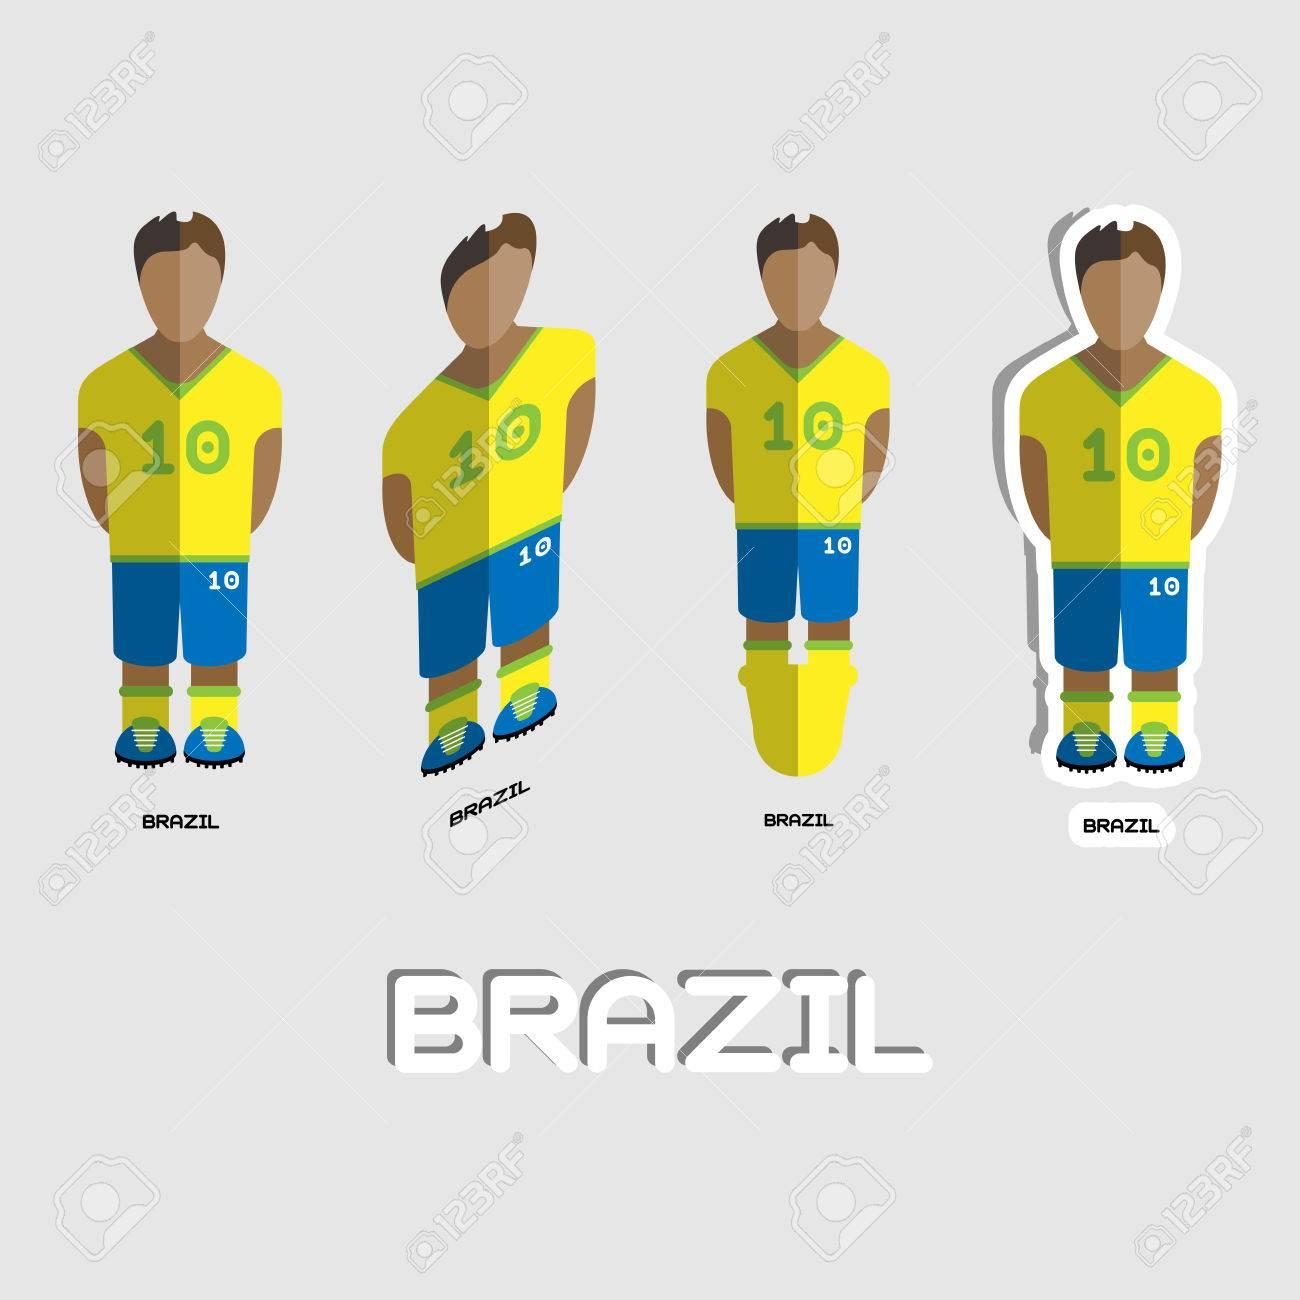 Brasil Equipo De Fútbol De La Plantilla Deportiva. Vista Frontal De ...